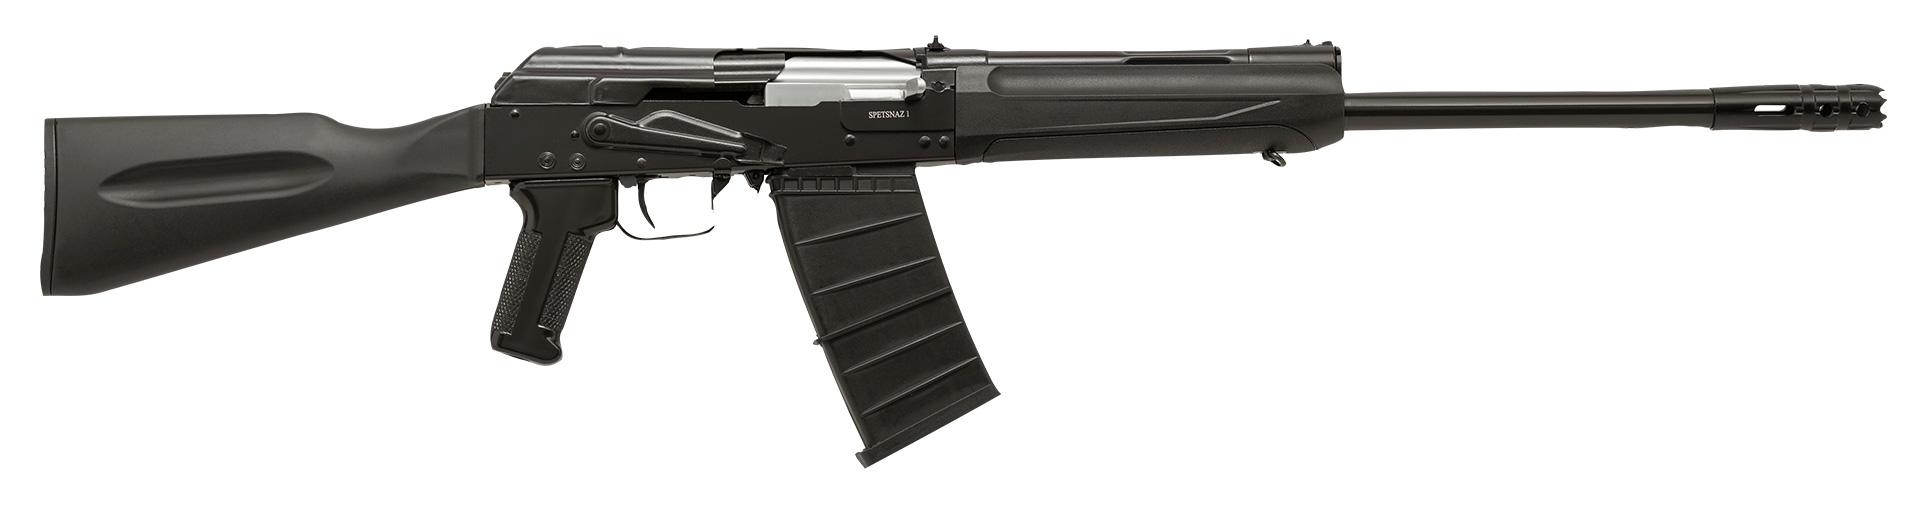 FD 12 - SG Shotgun Image